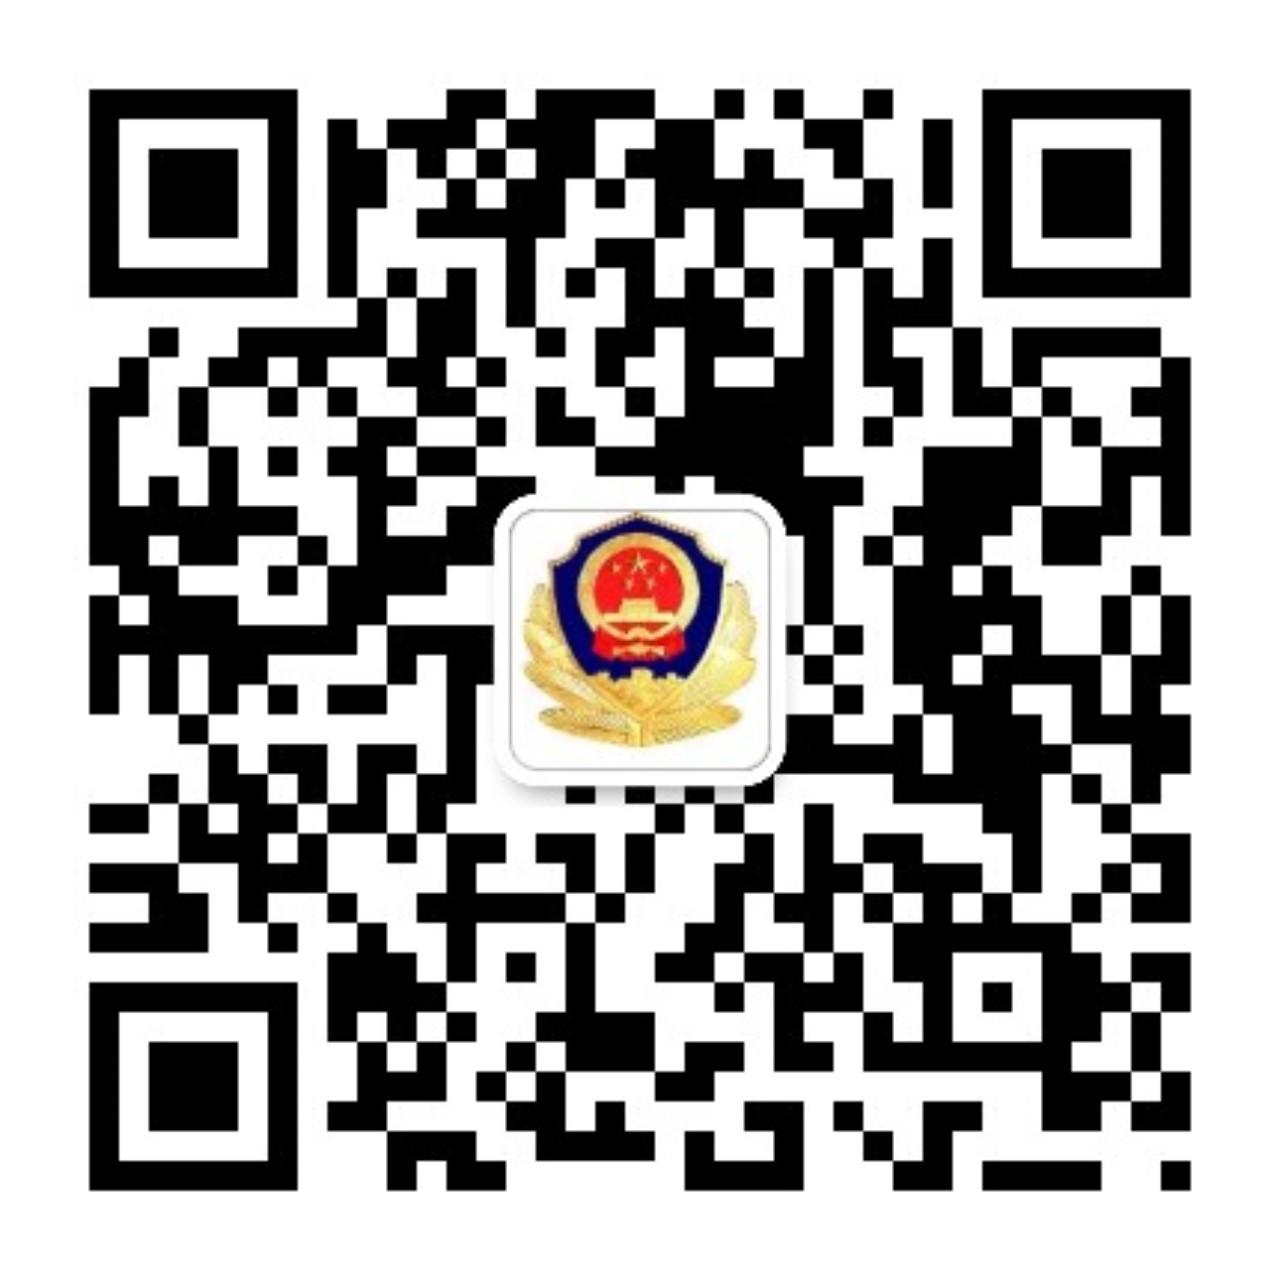 辽宁省关山子强制隔离戒毒所微信公众号上线了欢迎大家多提意见!